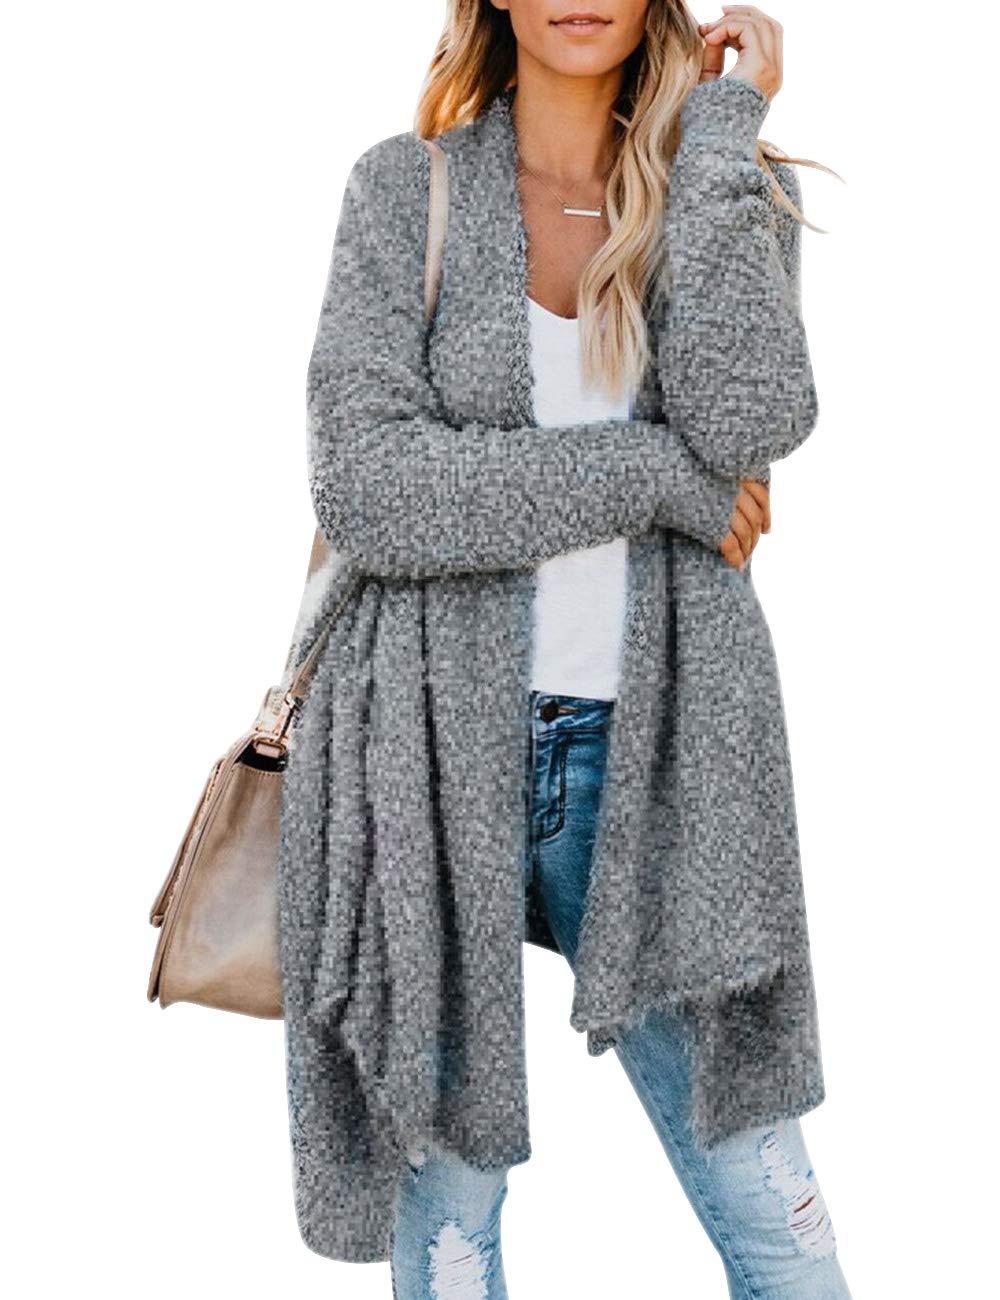 Women's Long Sleeve Chunky Knit Sweater Open Front Cardigan Outwear with Pockets,Fuzzy Fleece Coat Grey by Kelove